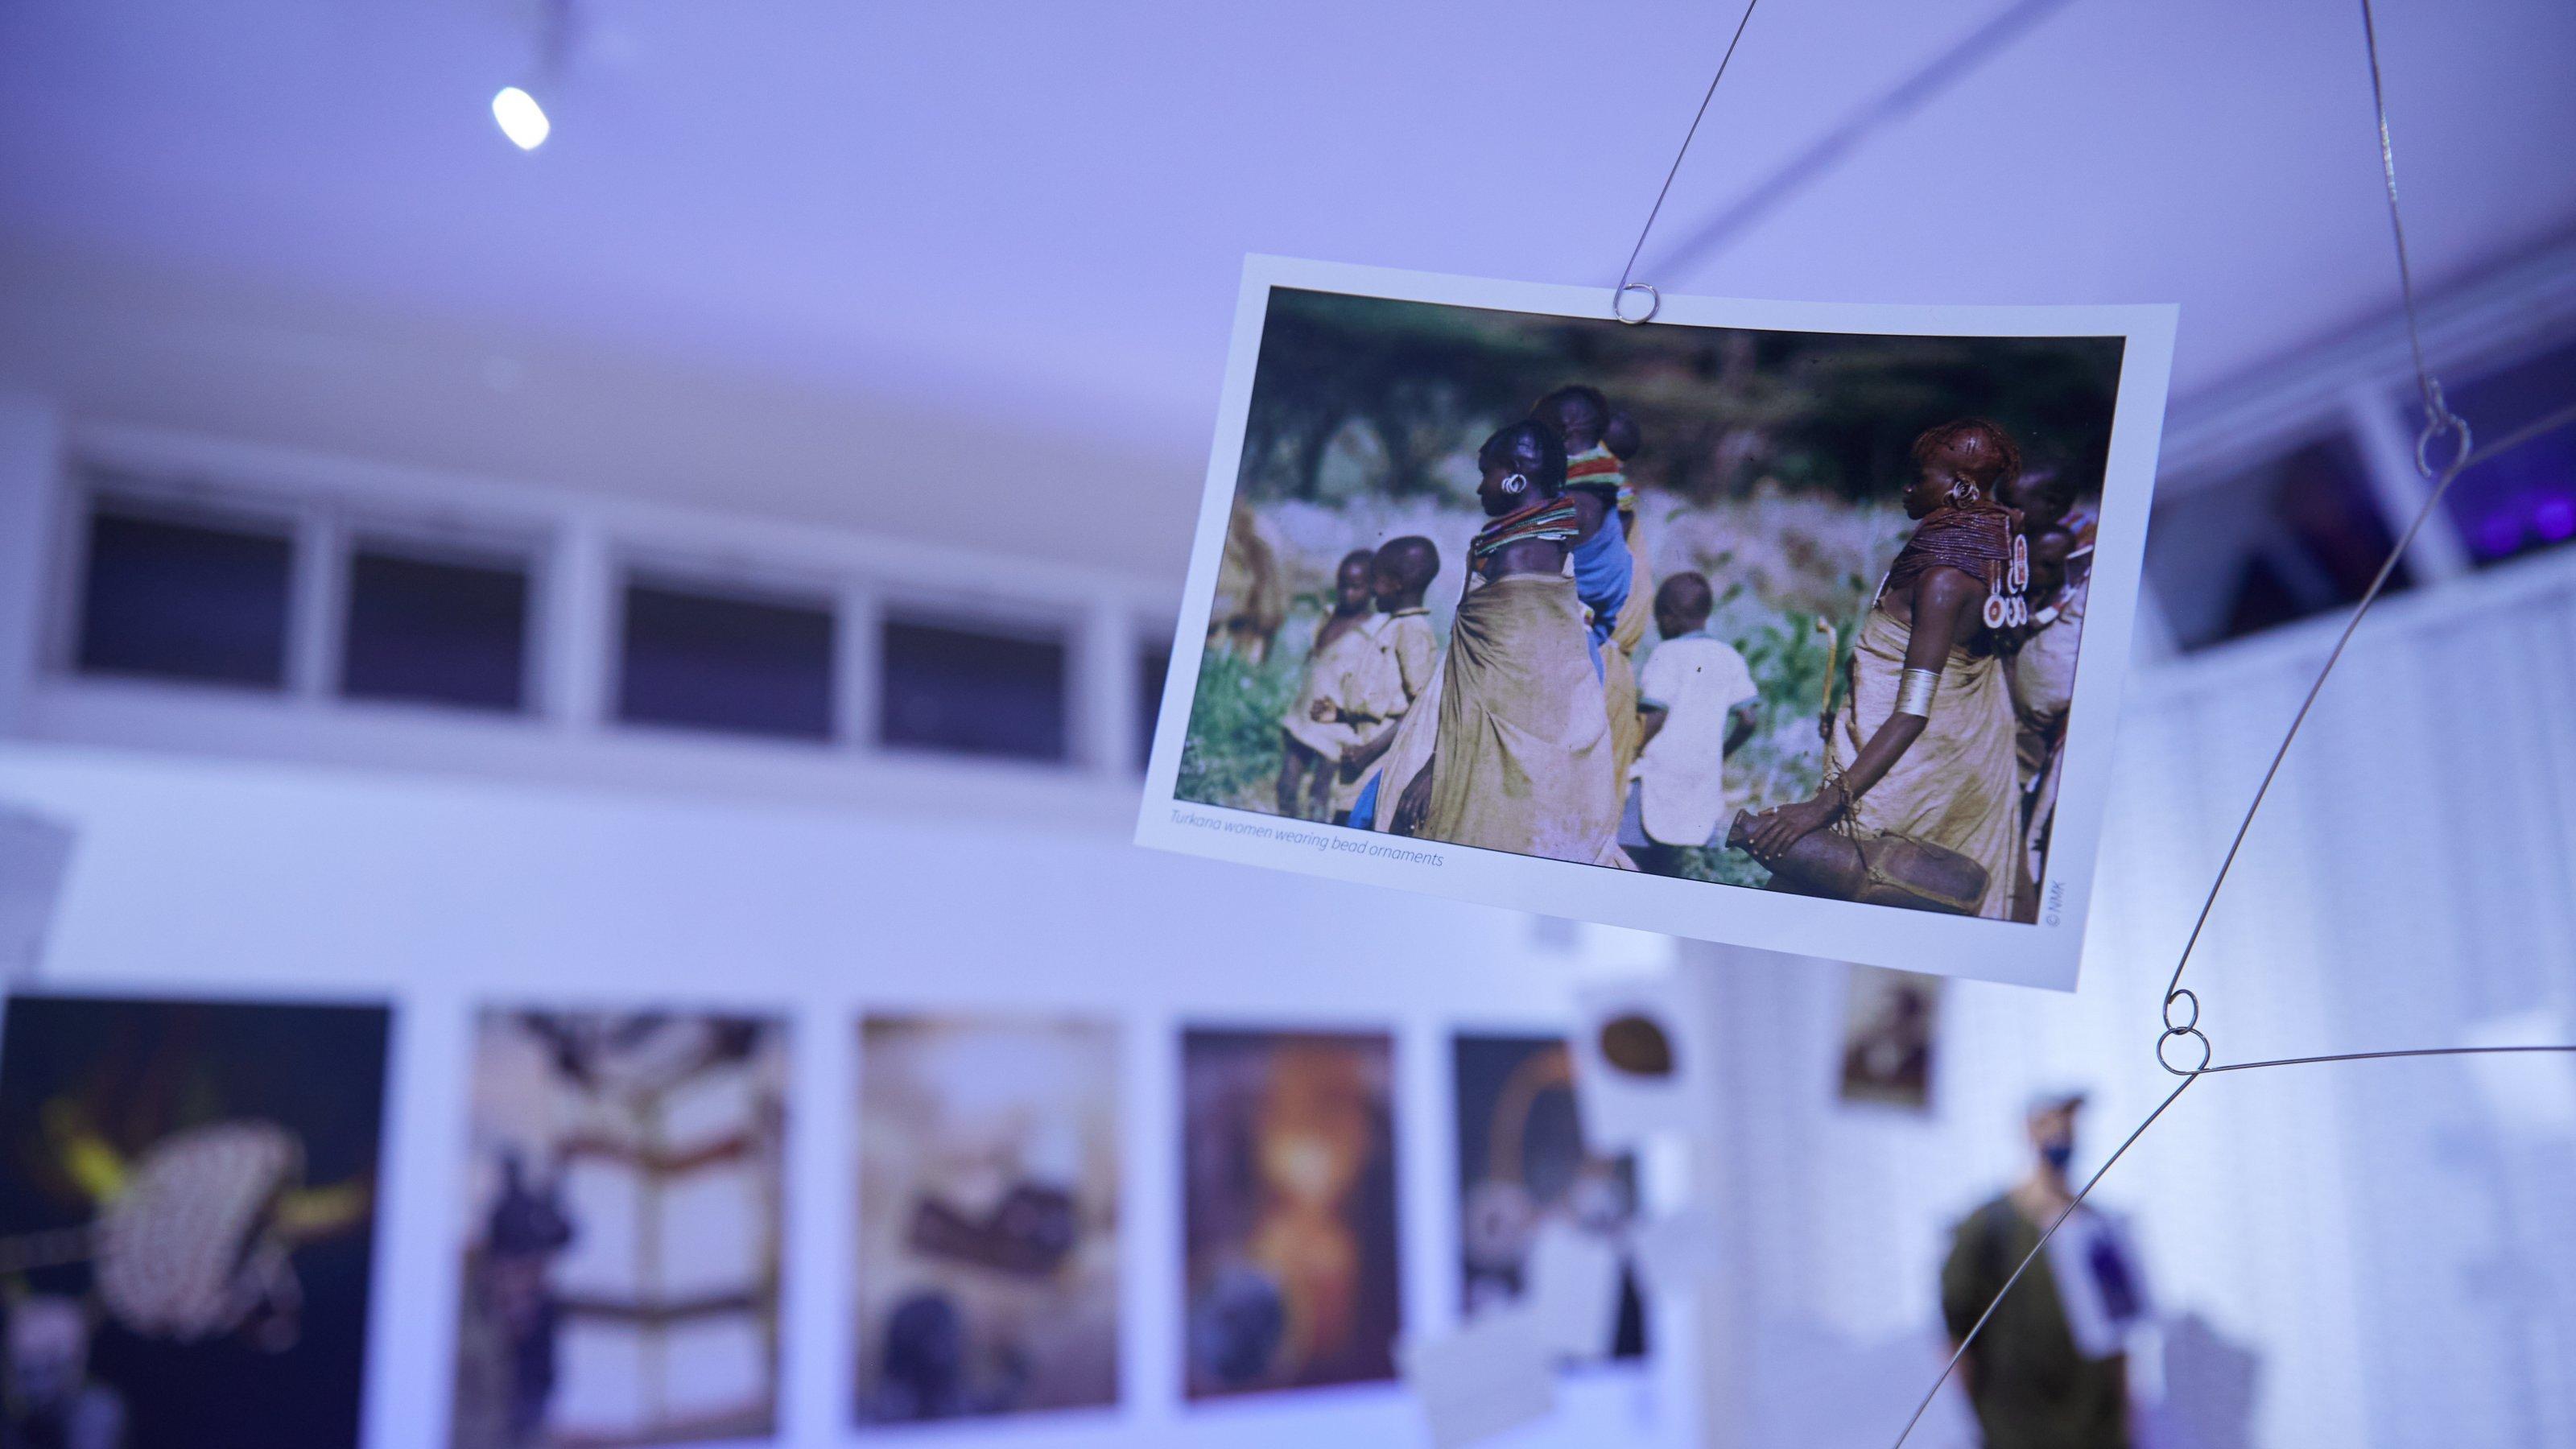 Im Mittelgrund hängt ein Foto an einer Art Mobile, darauf sind traditionell gekleidete Kenianerinnen und Kenianer zu sehen, die auffällige Schmuckstücke tragen. Im Hintergrund und verschwommen weitere Fotos.